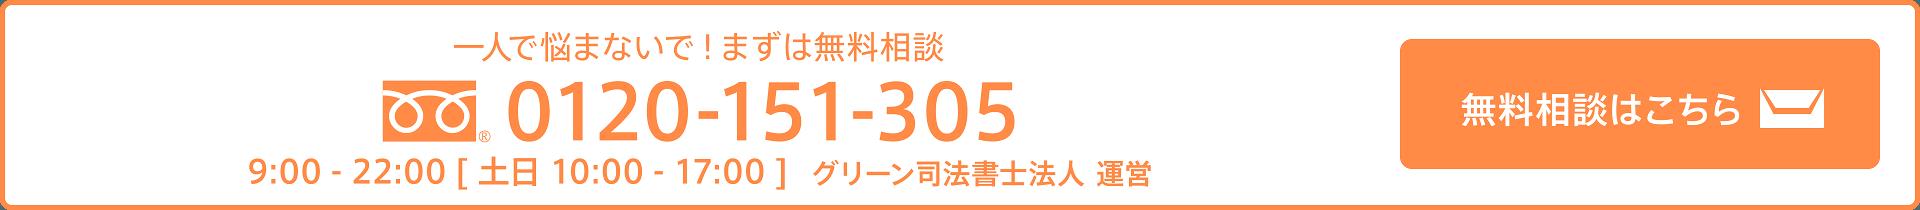 お問い合わせフリーダイヤル0120-151-305